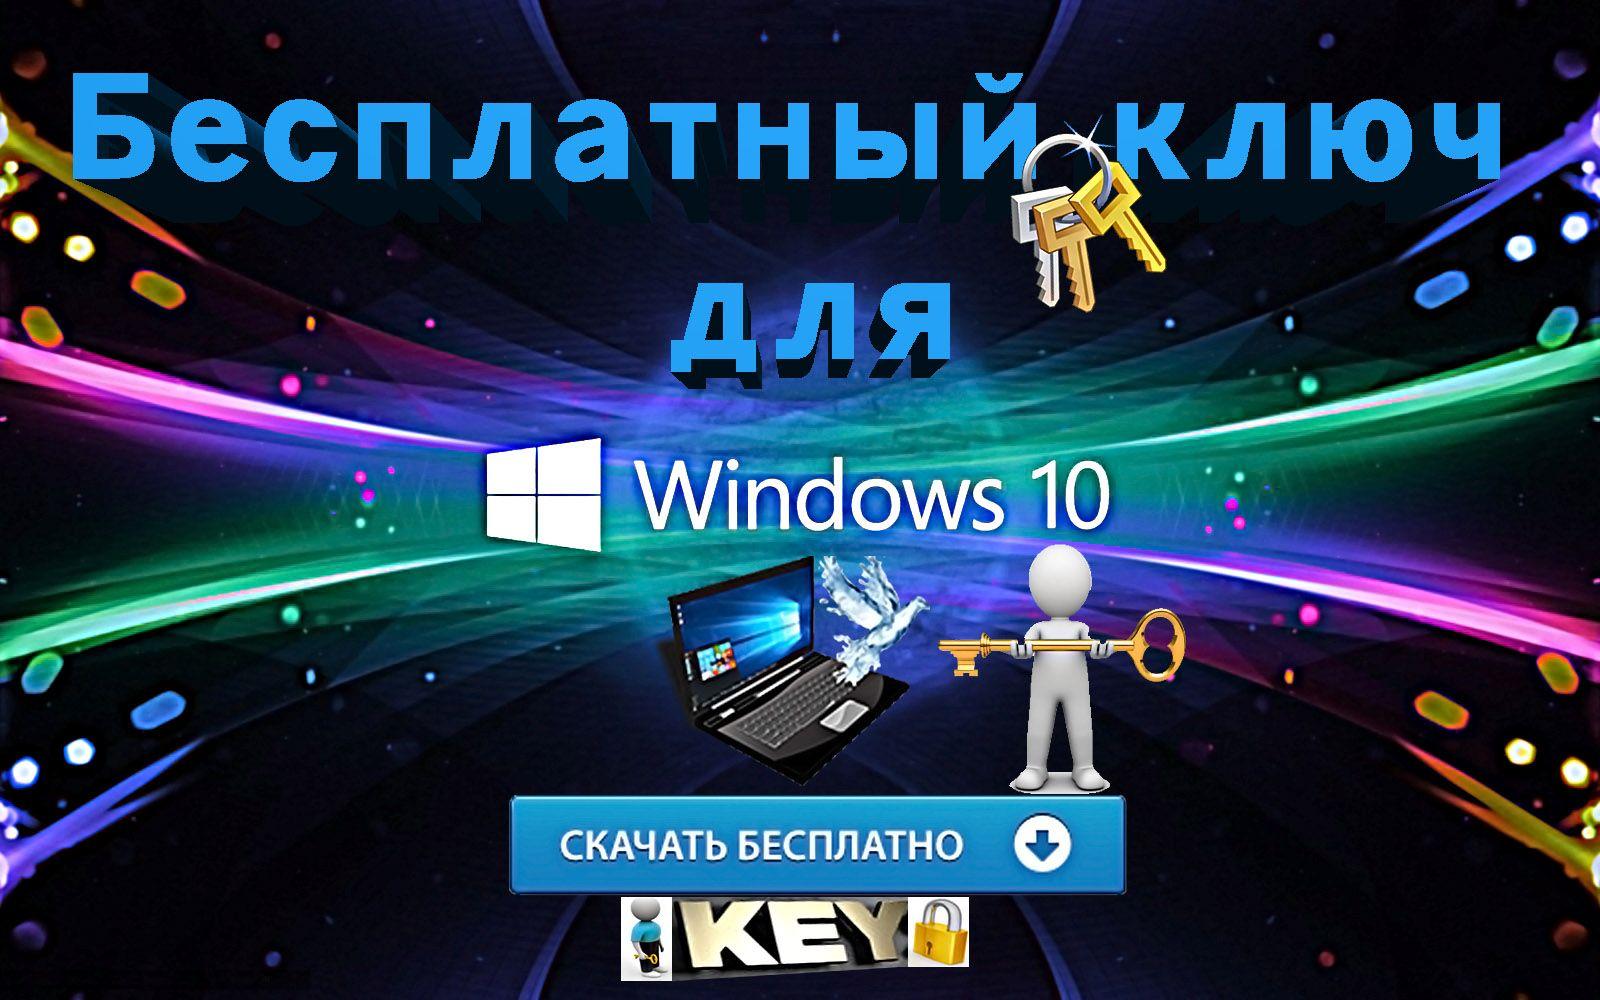 Скачать бесплатно ключ для ОС Windows 10